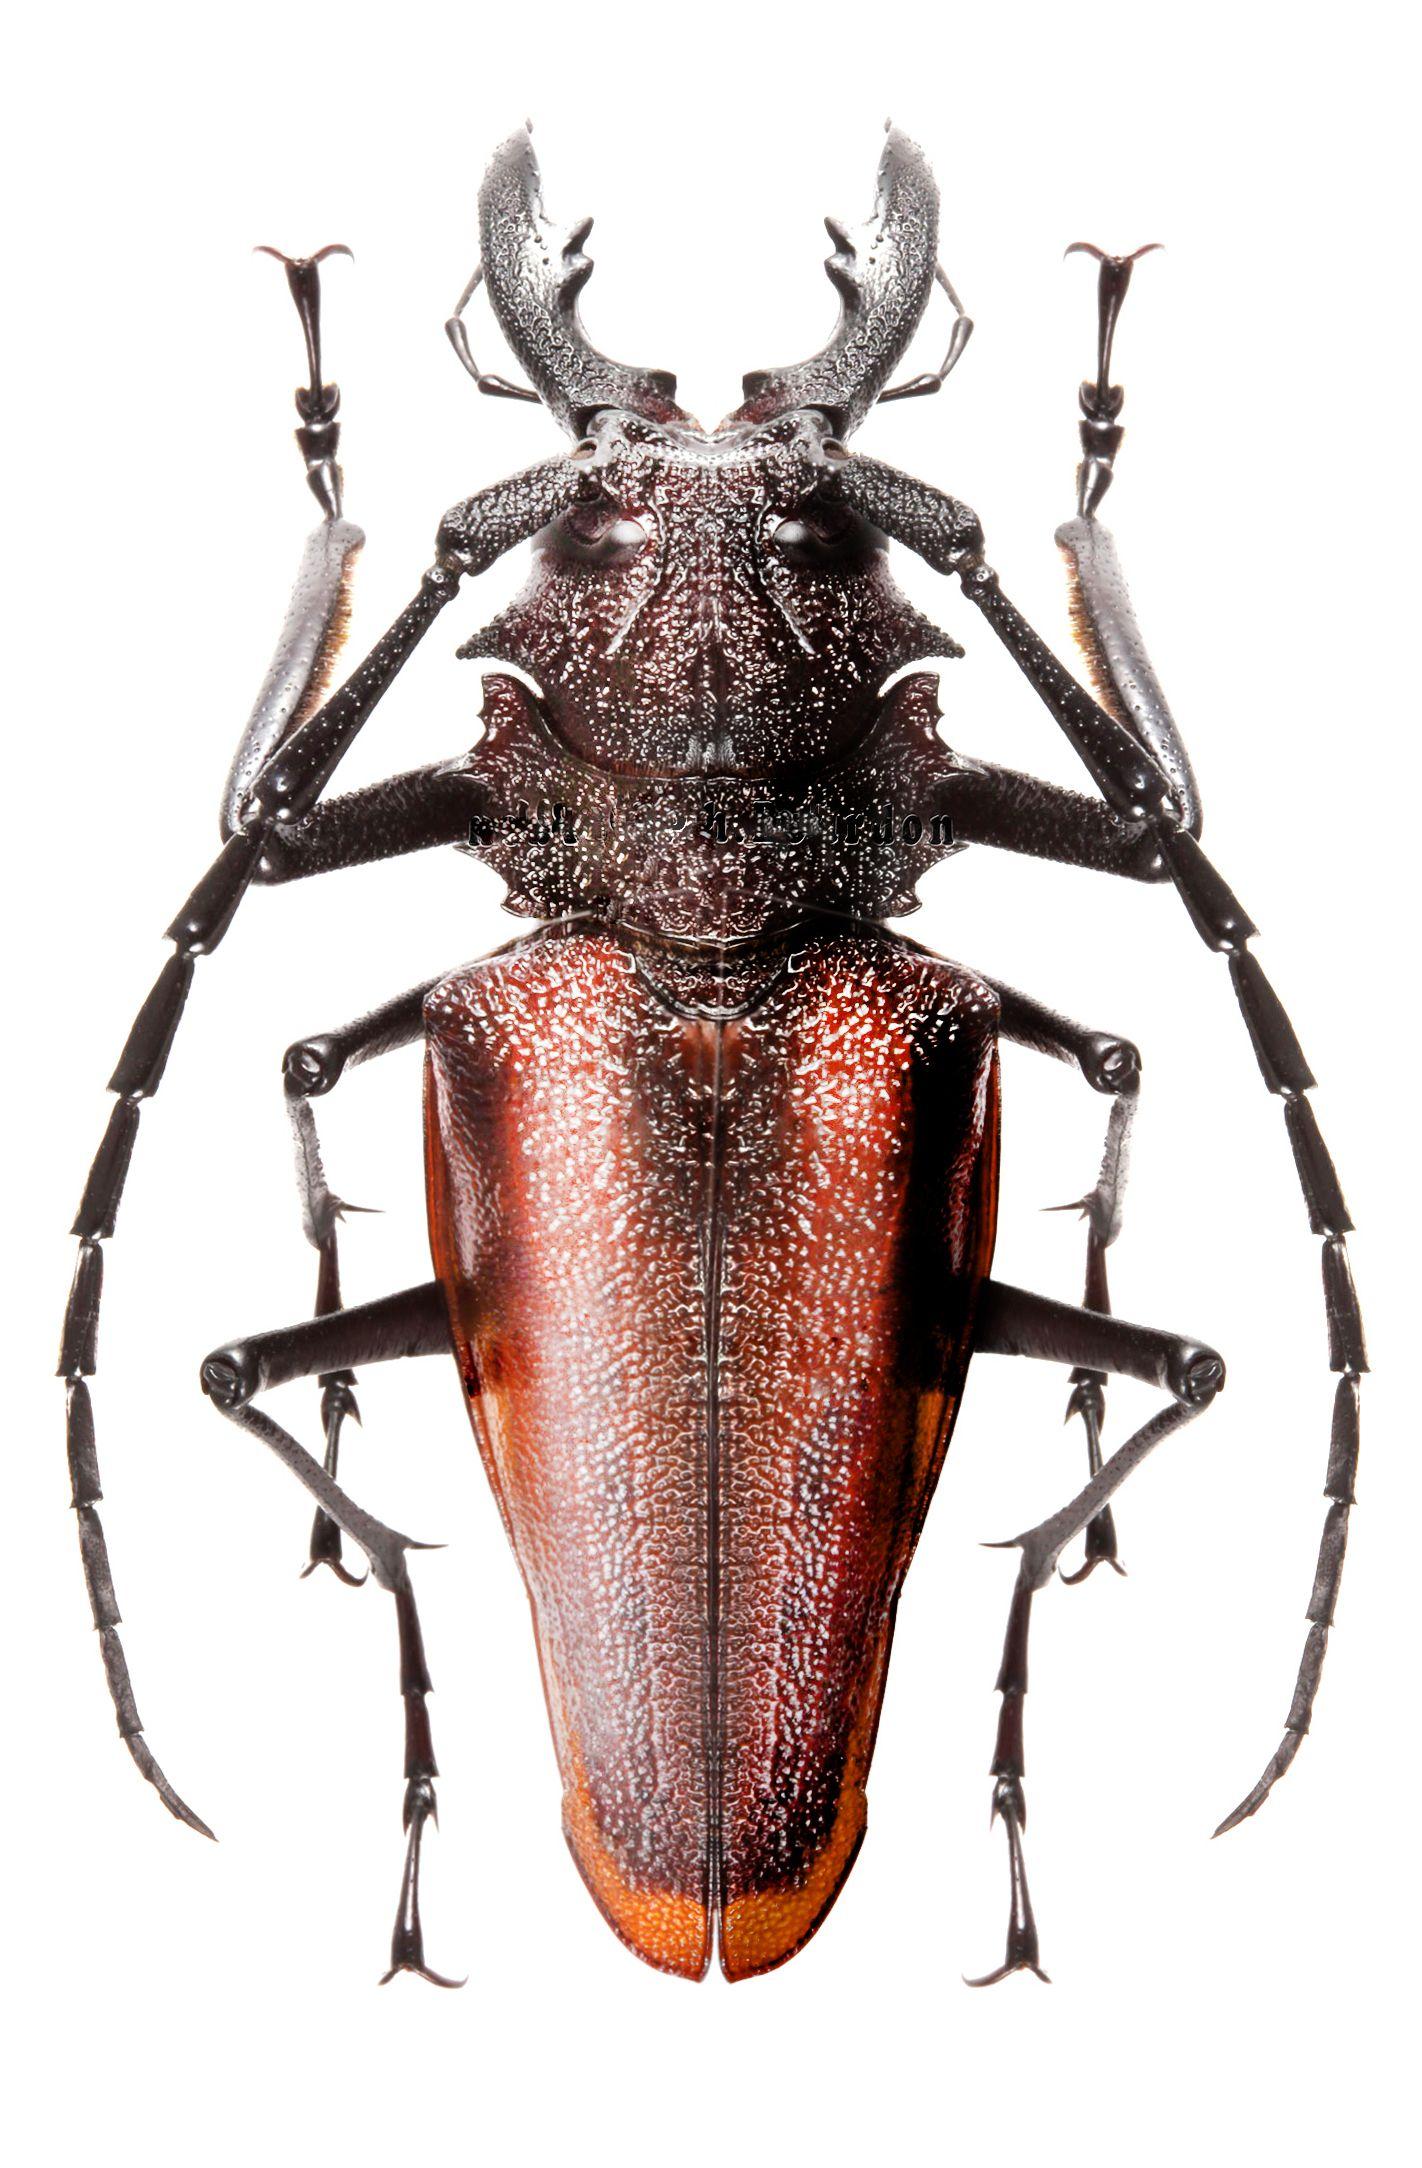 Psalidognathus rufescens | insects ,bugs,entomology | Pinterest ...